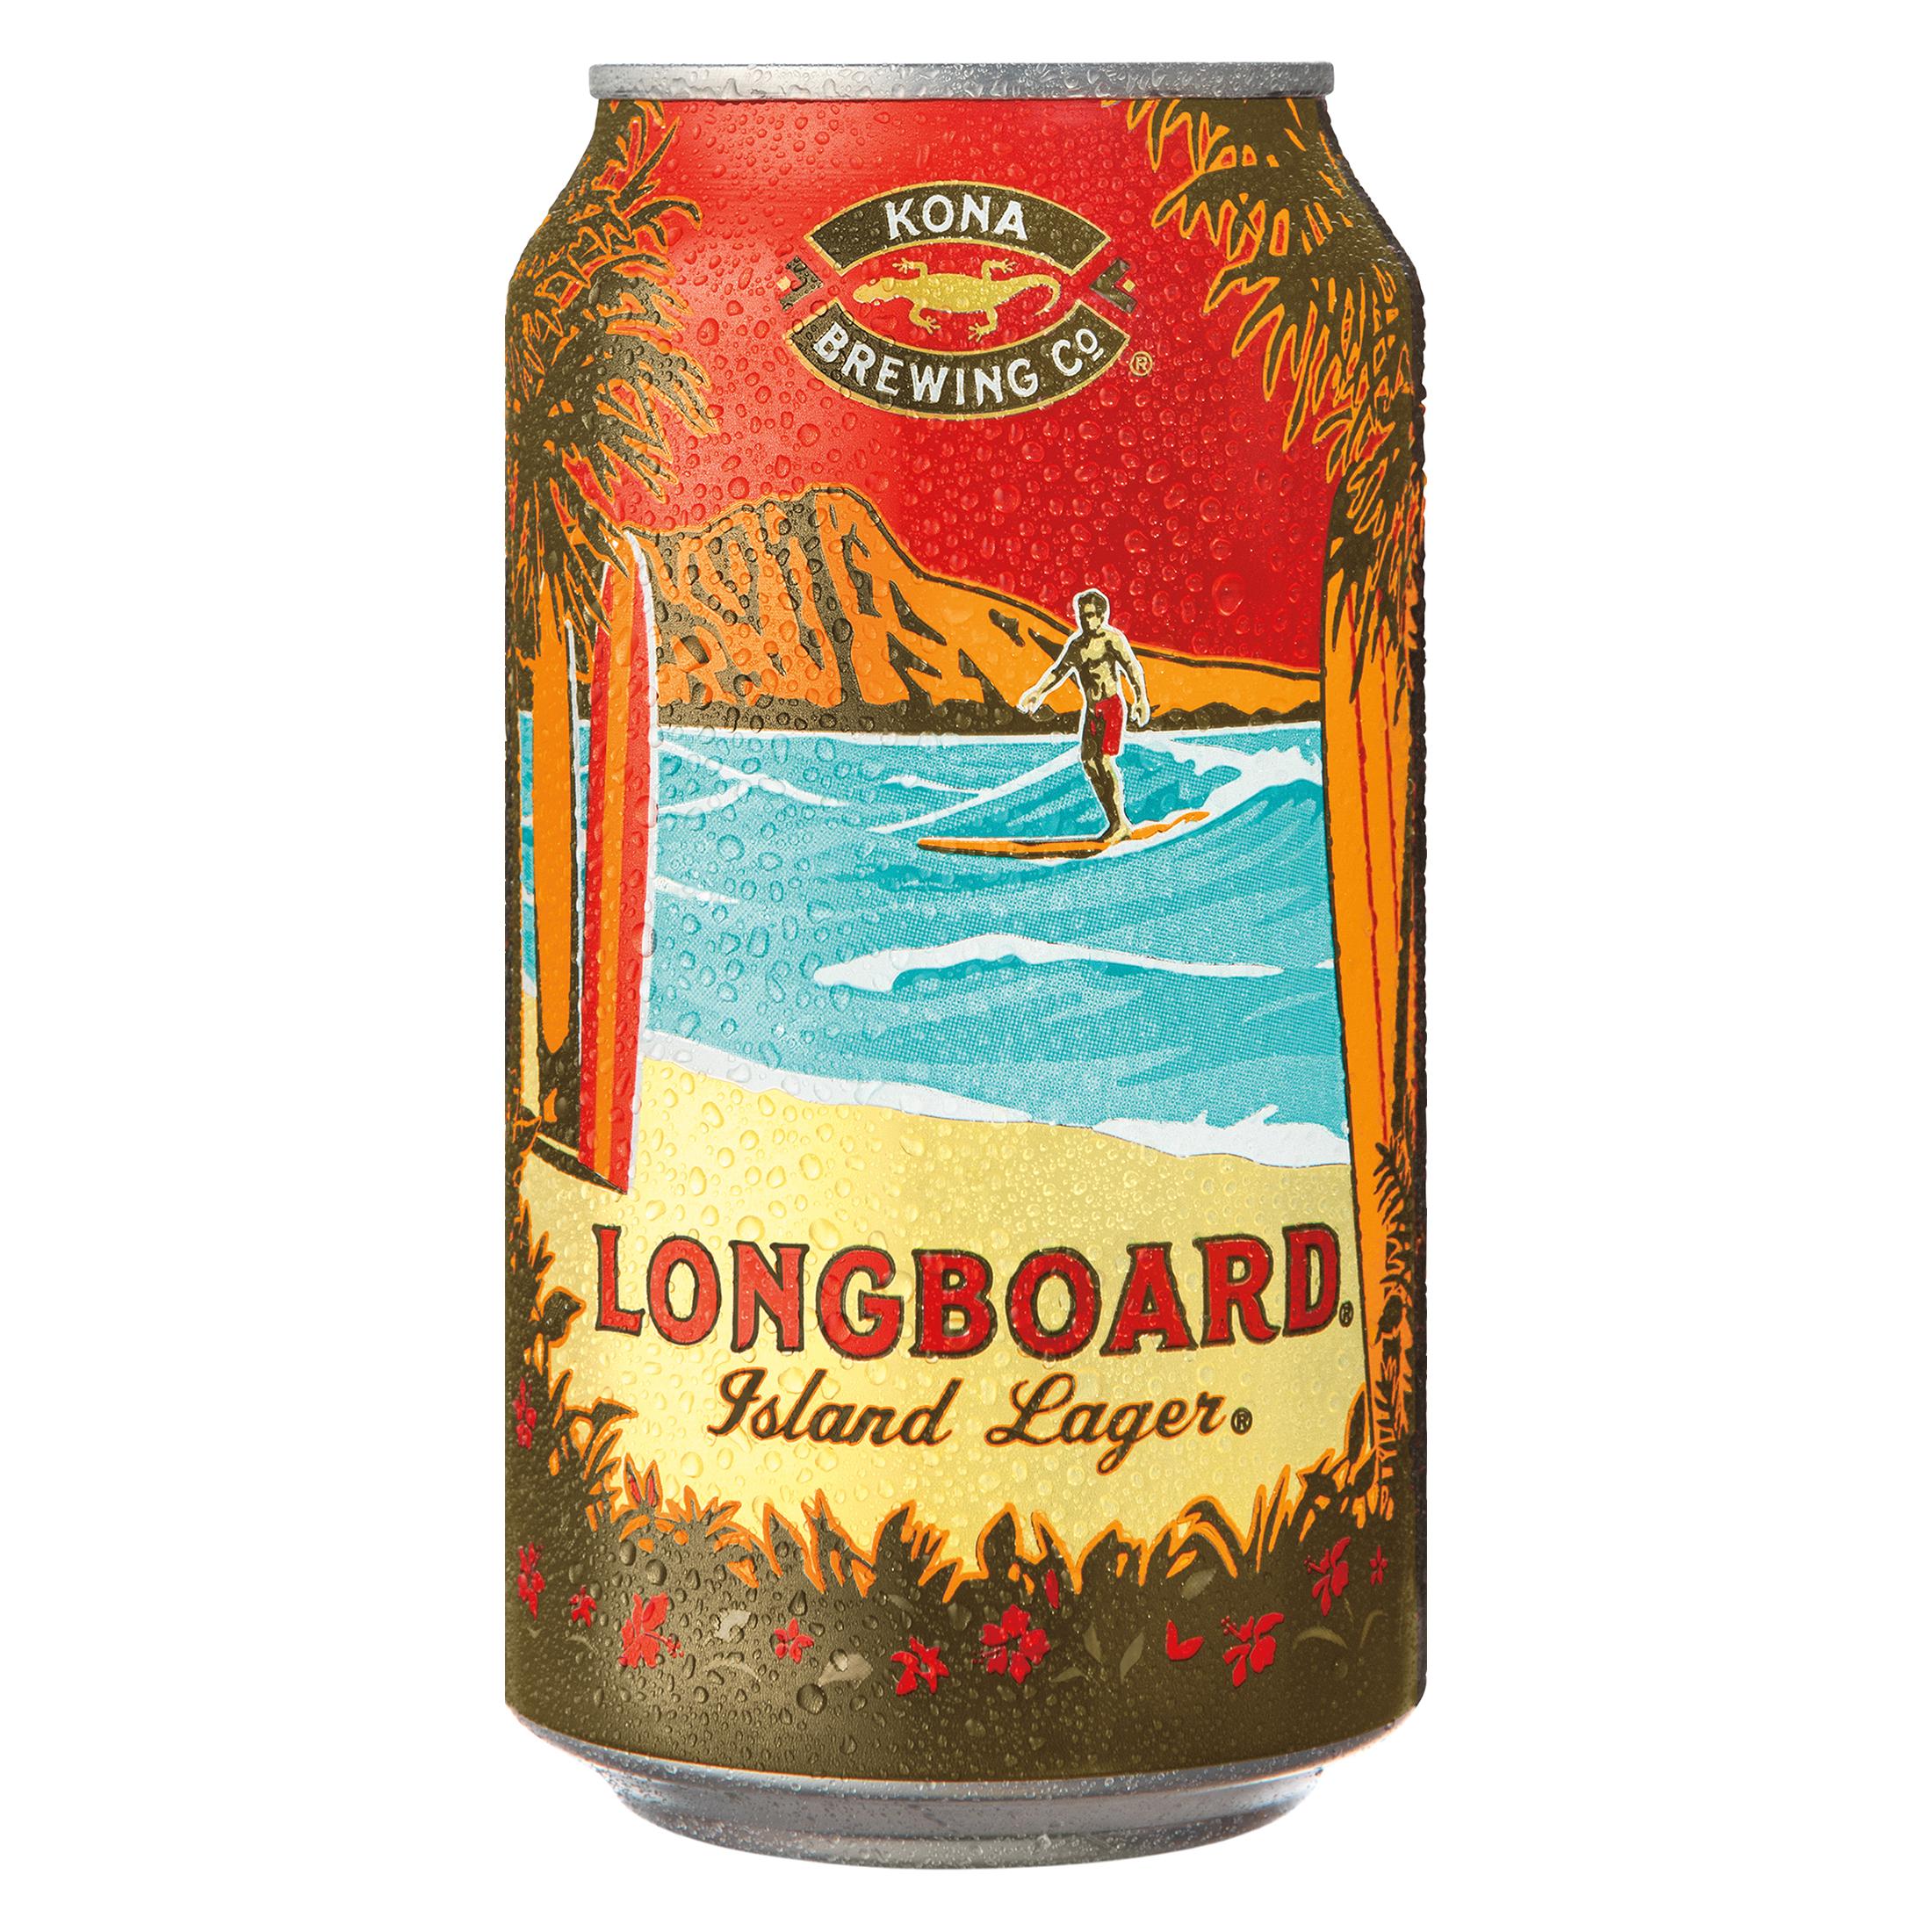 Kona, Longboard